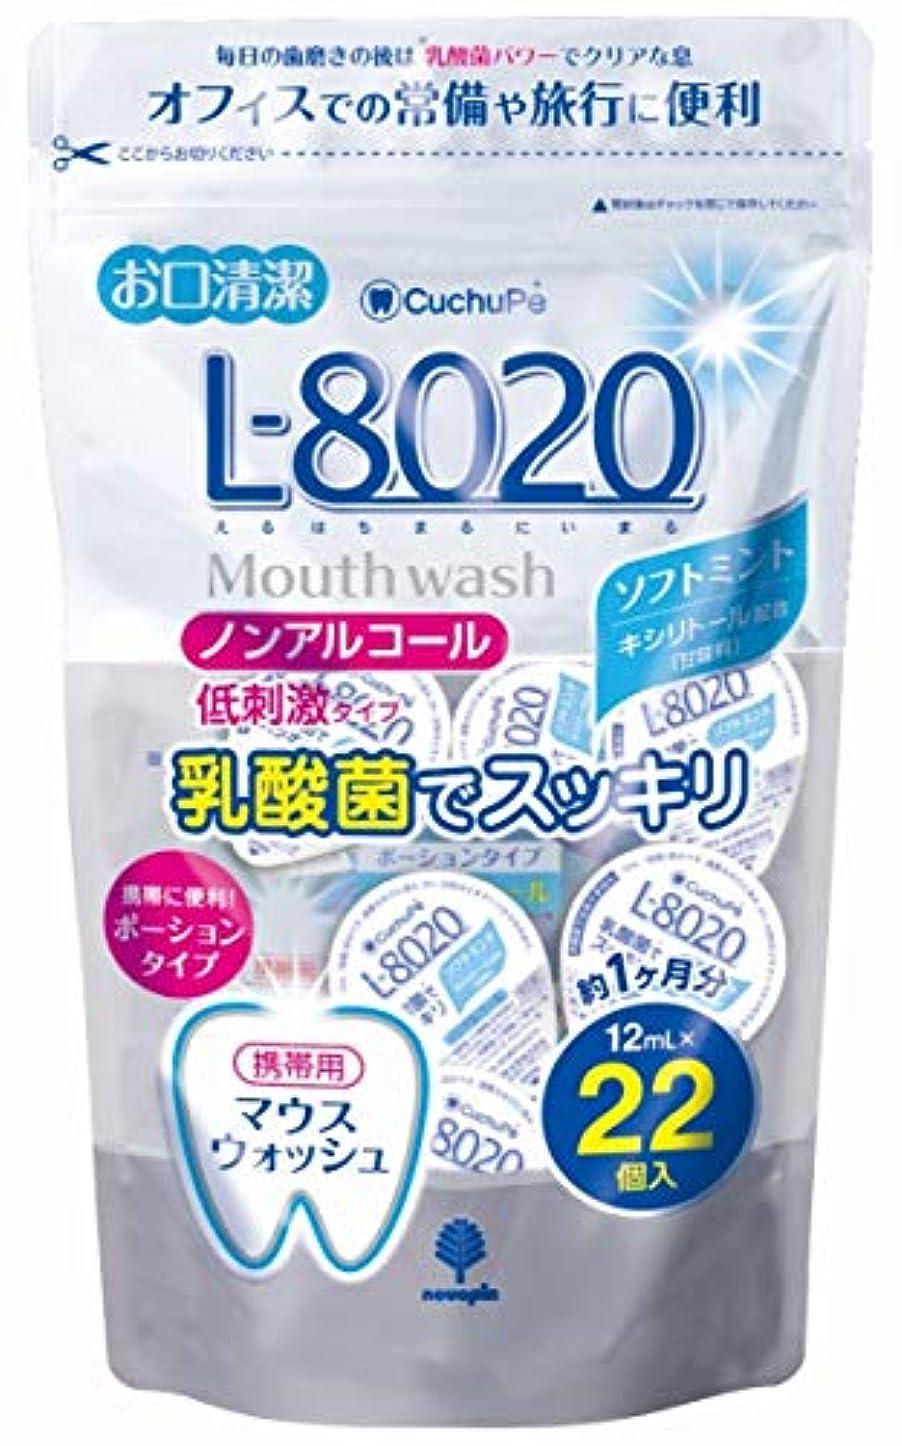 厚さ相手チューブ日本製 made in japan クチュッペL-8020 ソフトミント ポーションタイプ22個入(ノンアルコール) K-7096【まとめ買い6個セット】